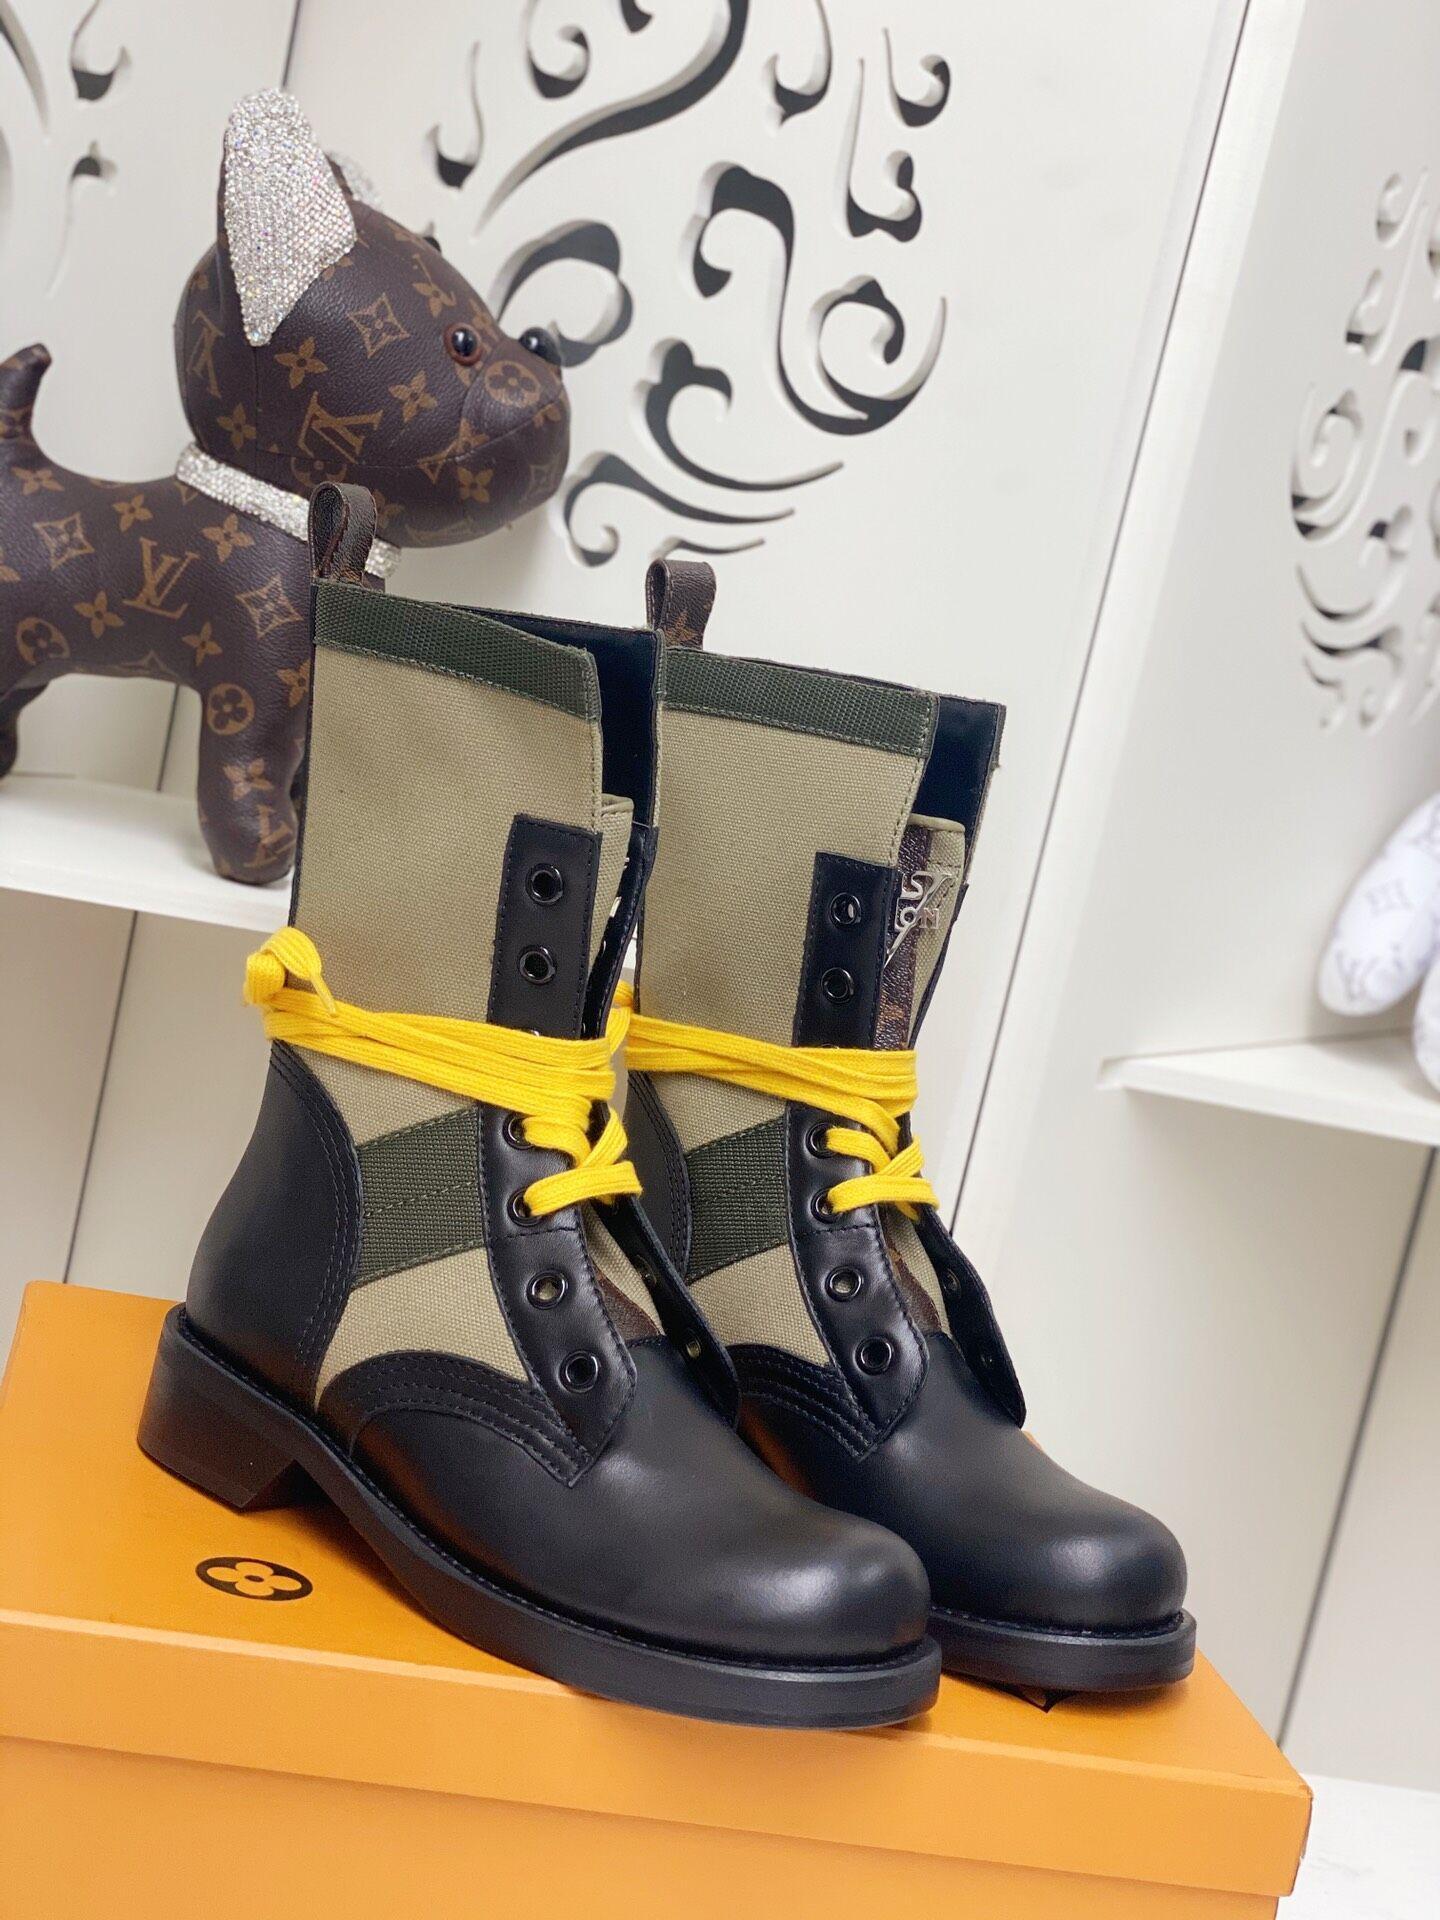 metropolis flat ranger Khaki 1A679B    boot    lady shoes    women boot  1